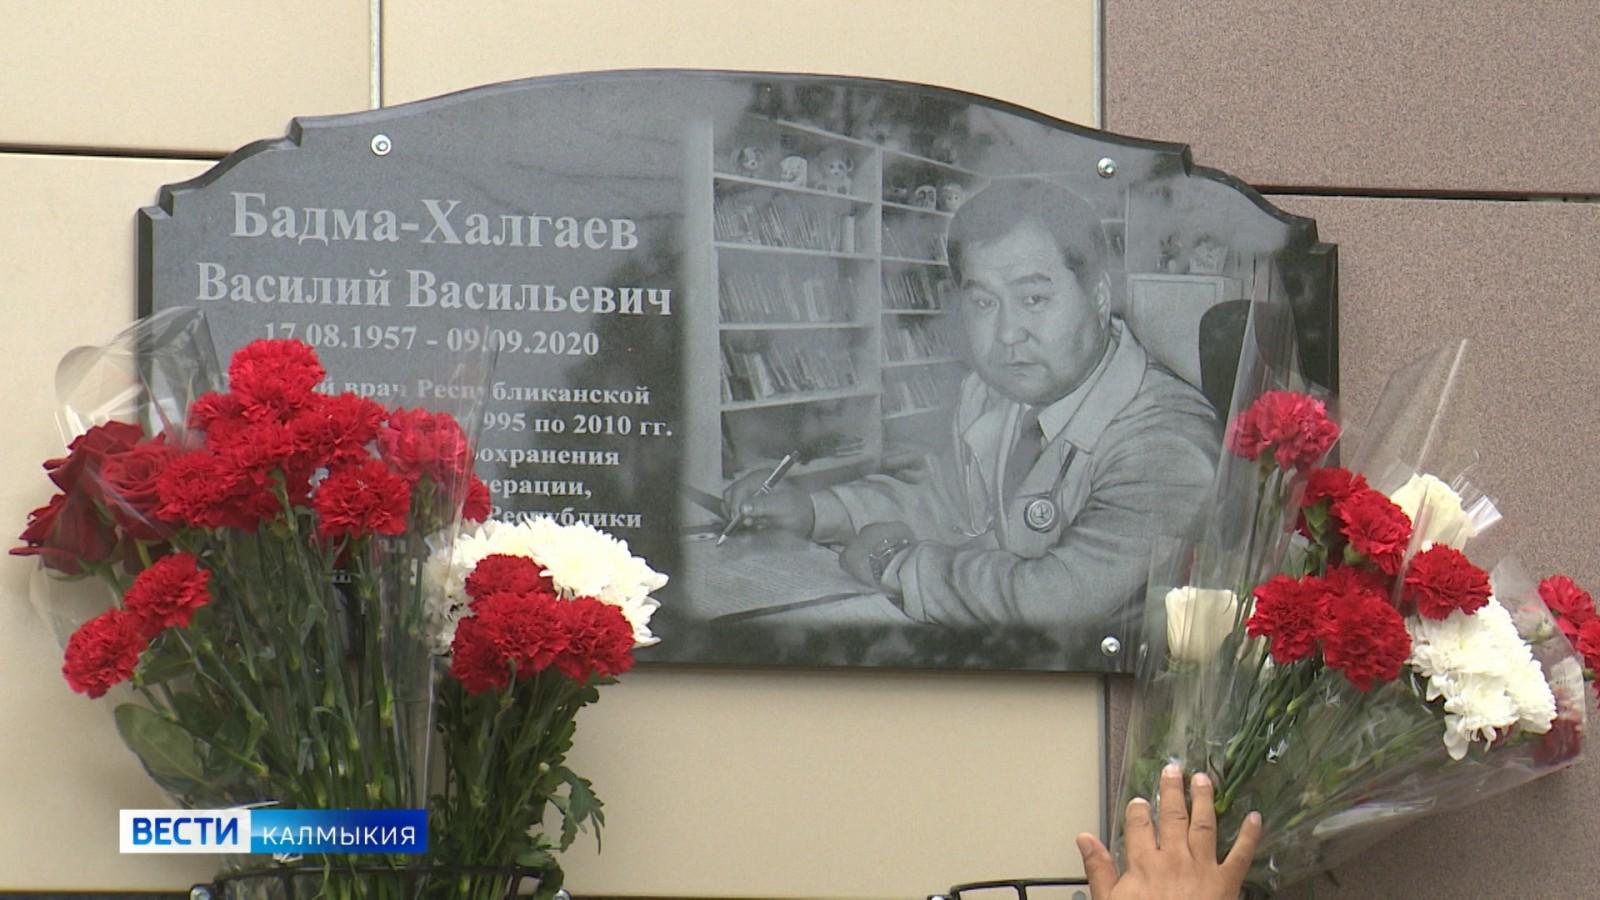 В Элисте открыта памятная доска Заслуженному врачу Калмыкии Василию Бадма-Халгаеву